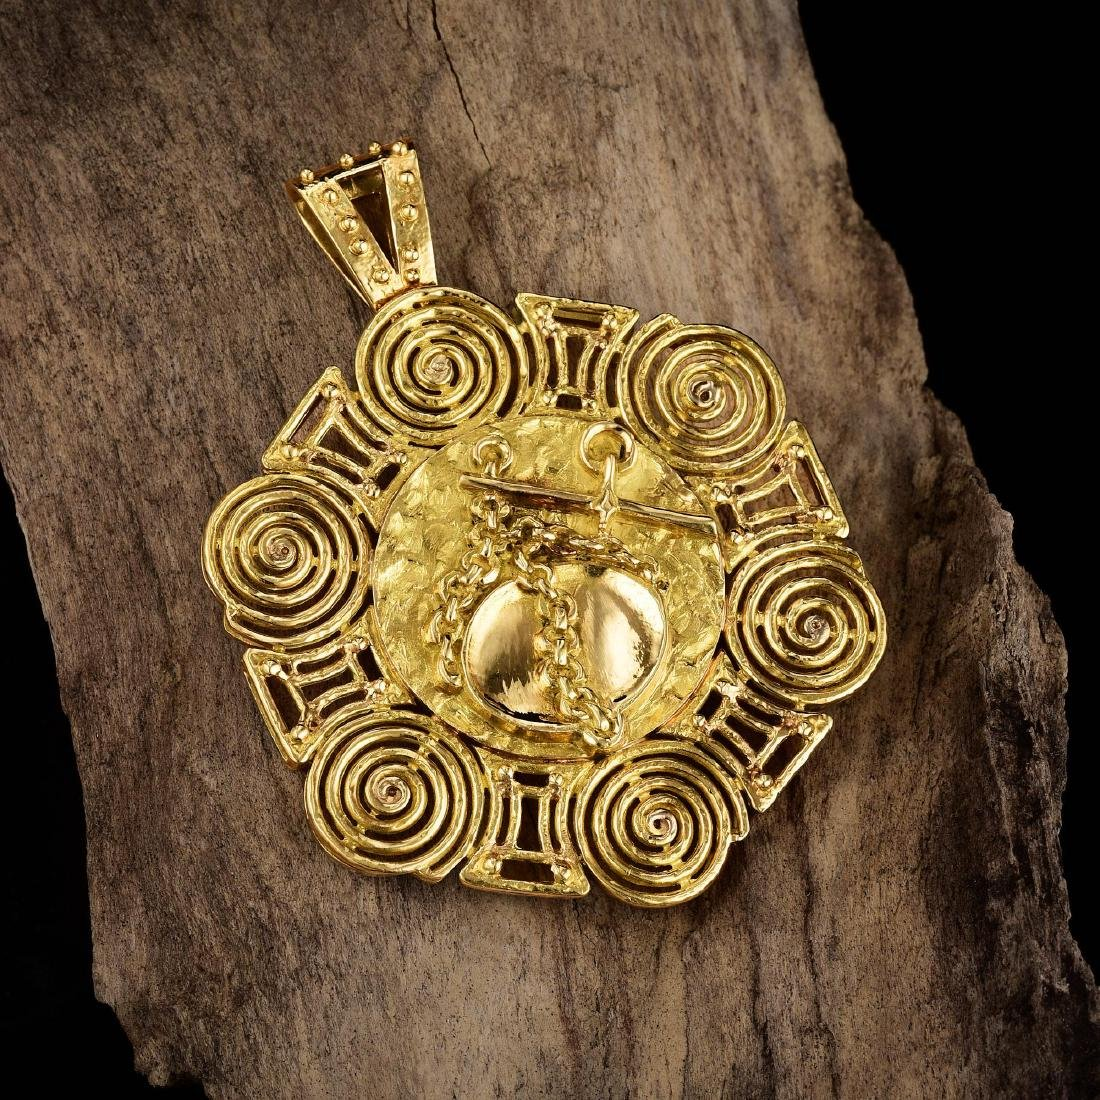 Van Cleef & Arpels Gold Pendant